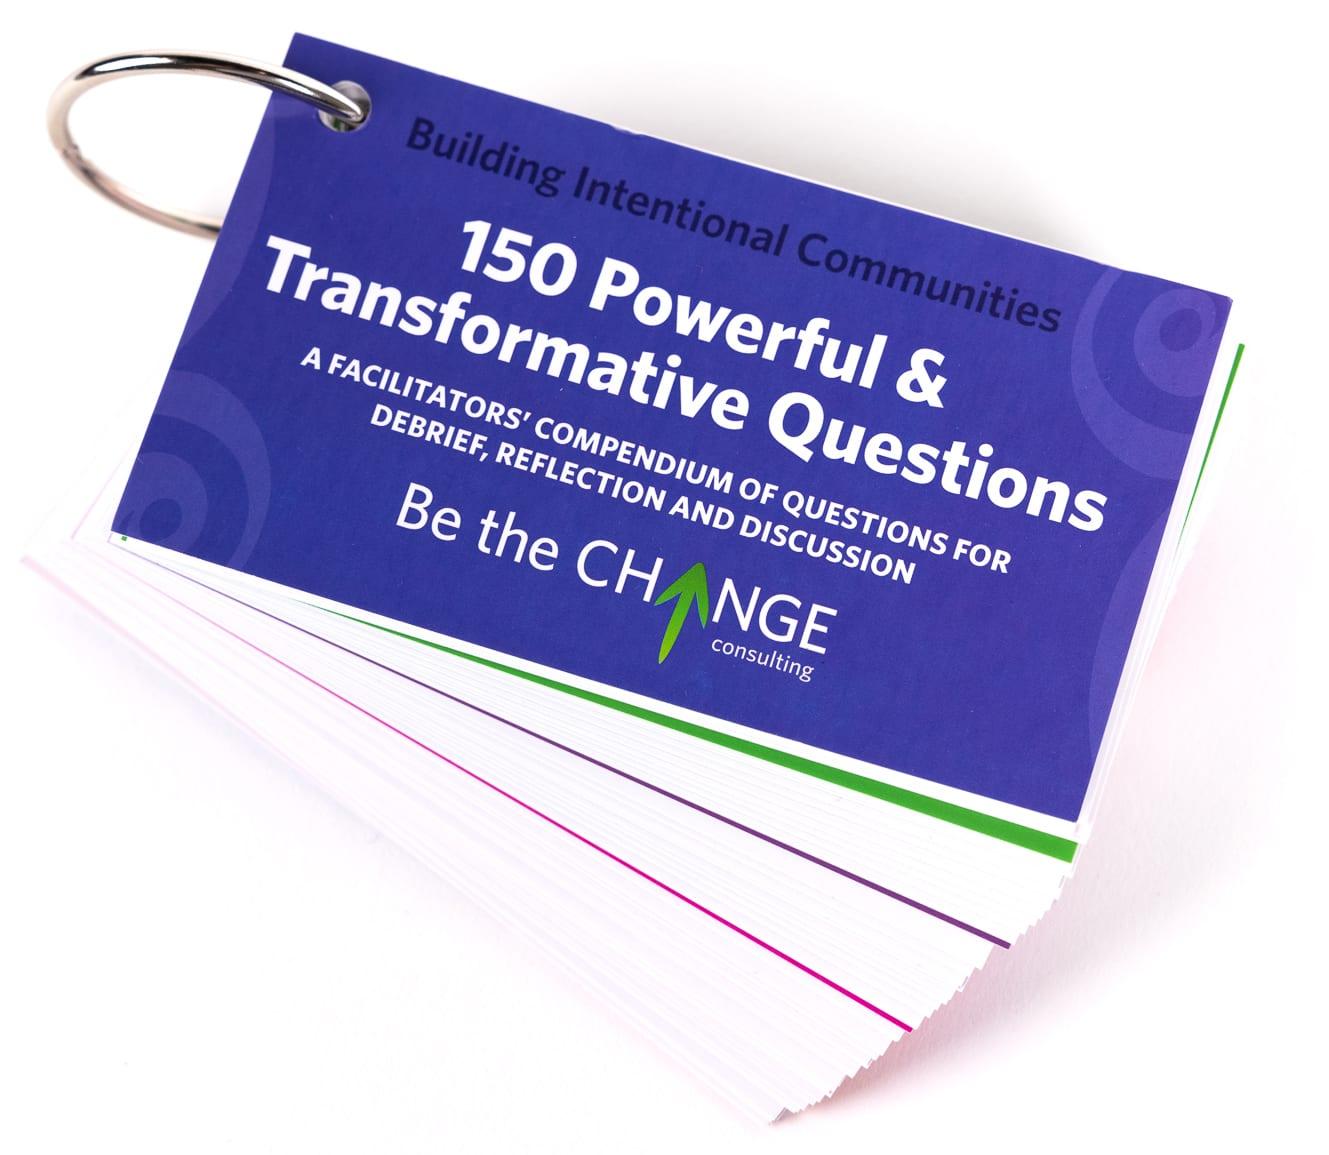 Transformative Questions